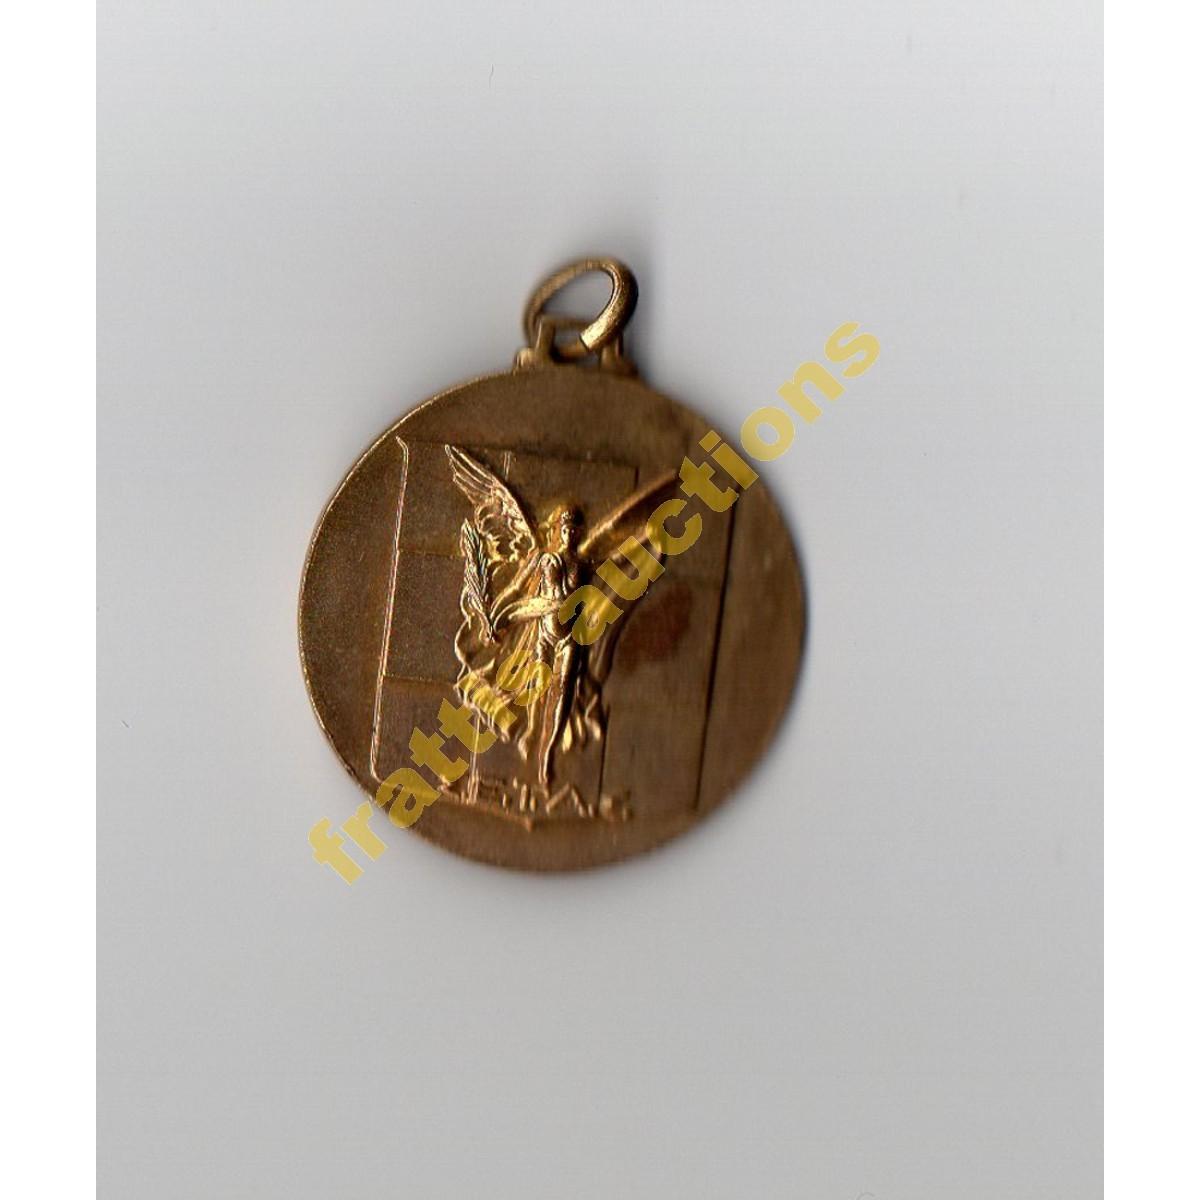 Χάλκινο μετάλιο SEGAS.